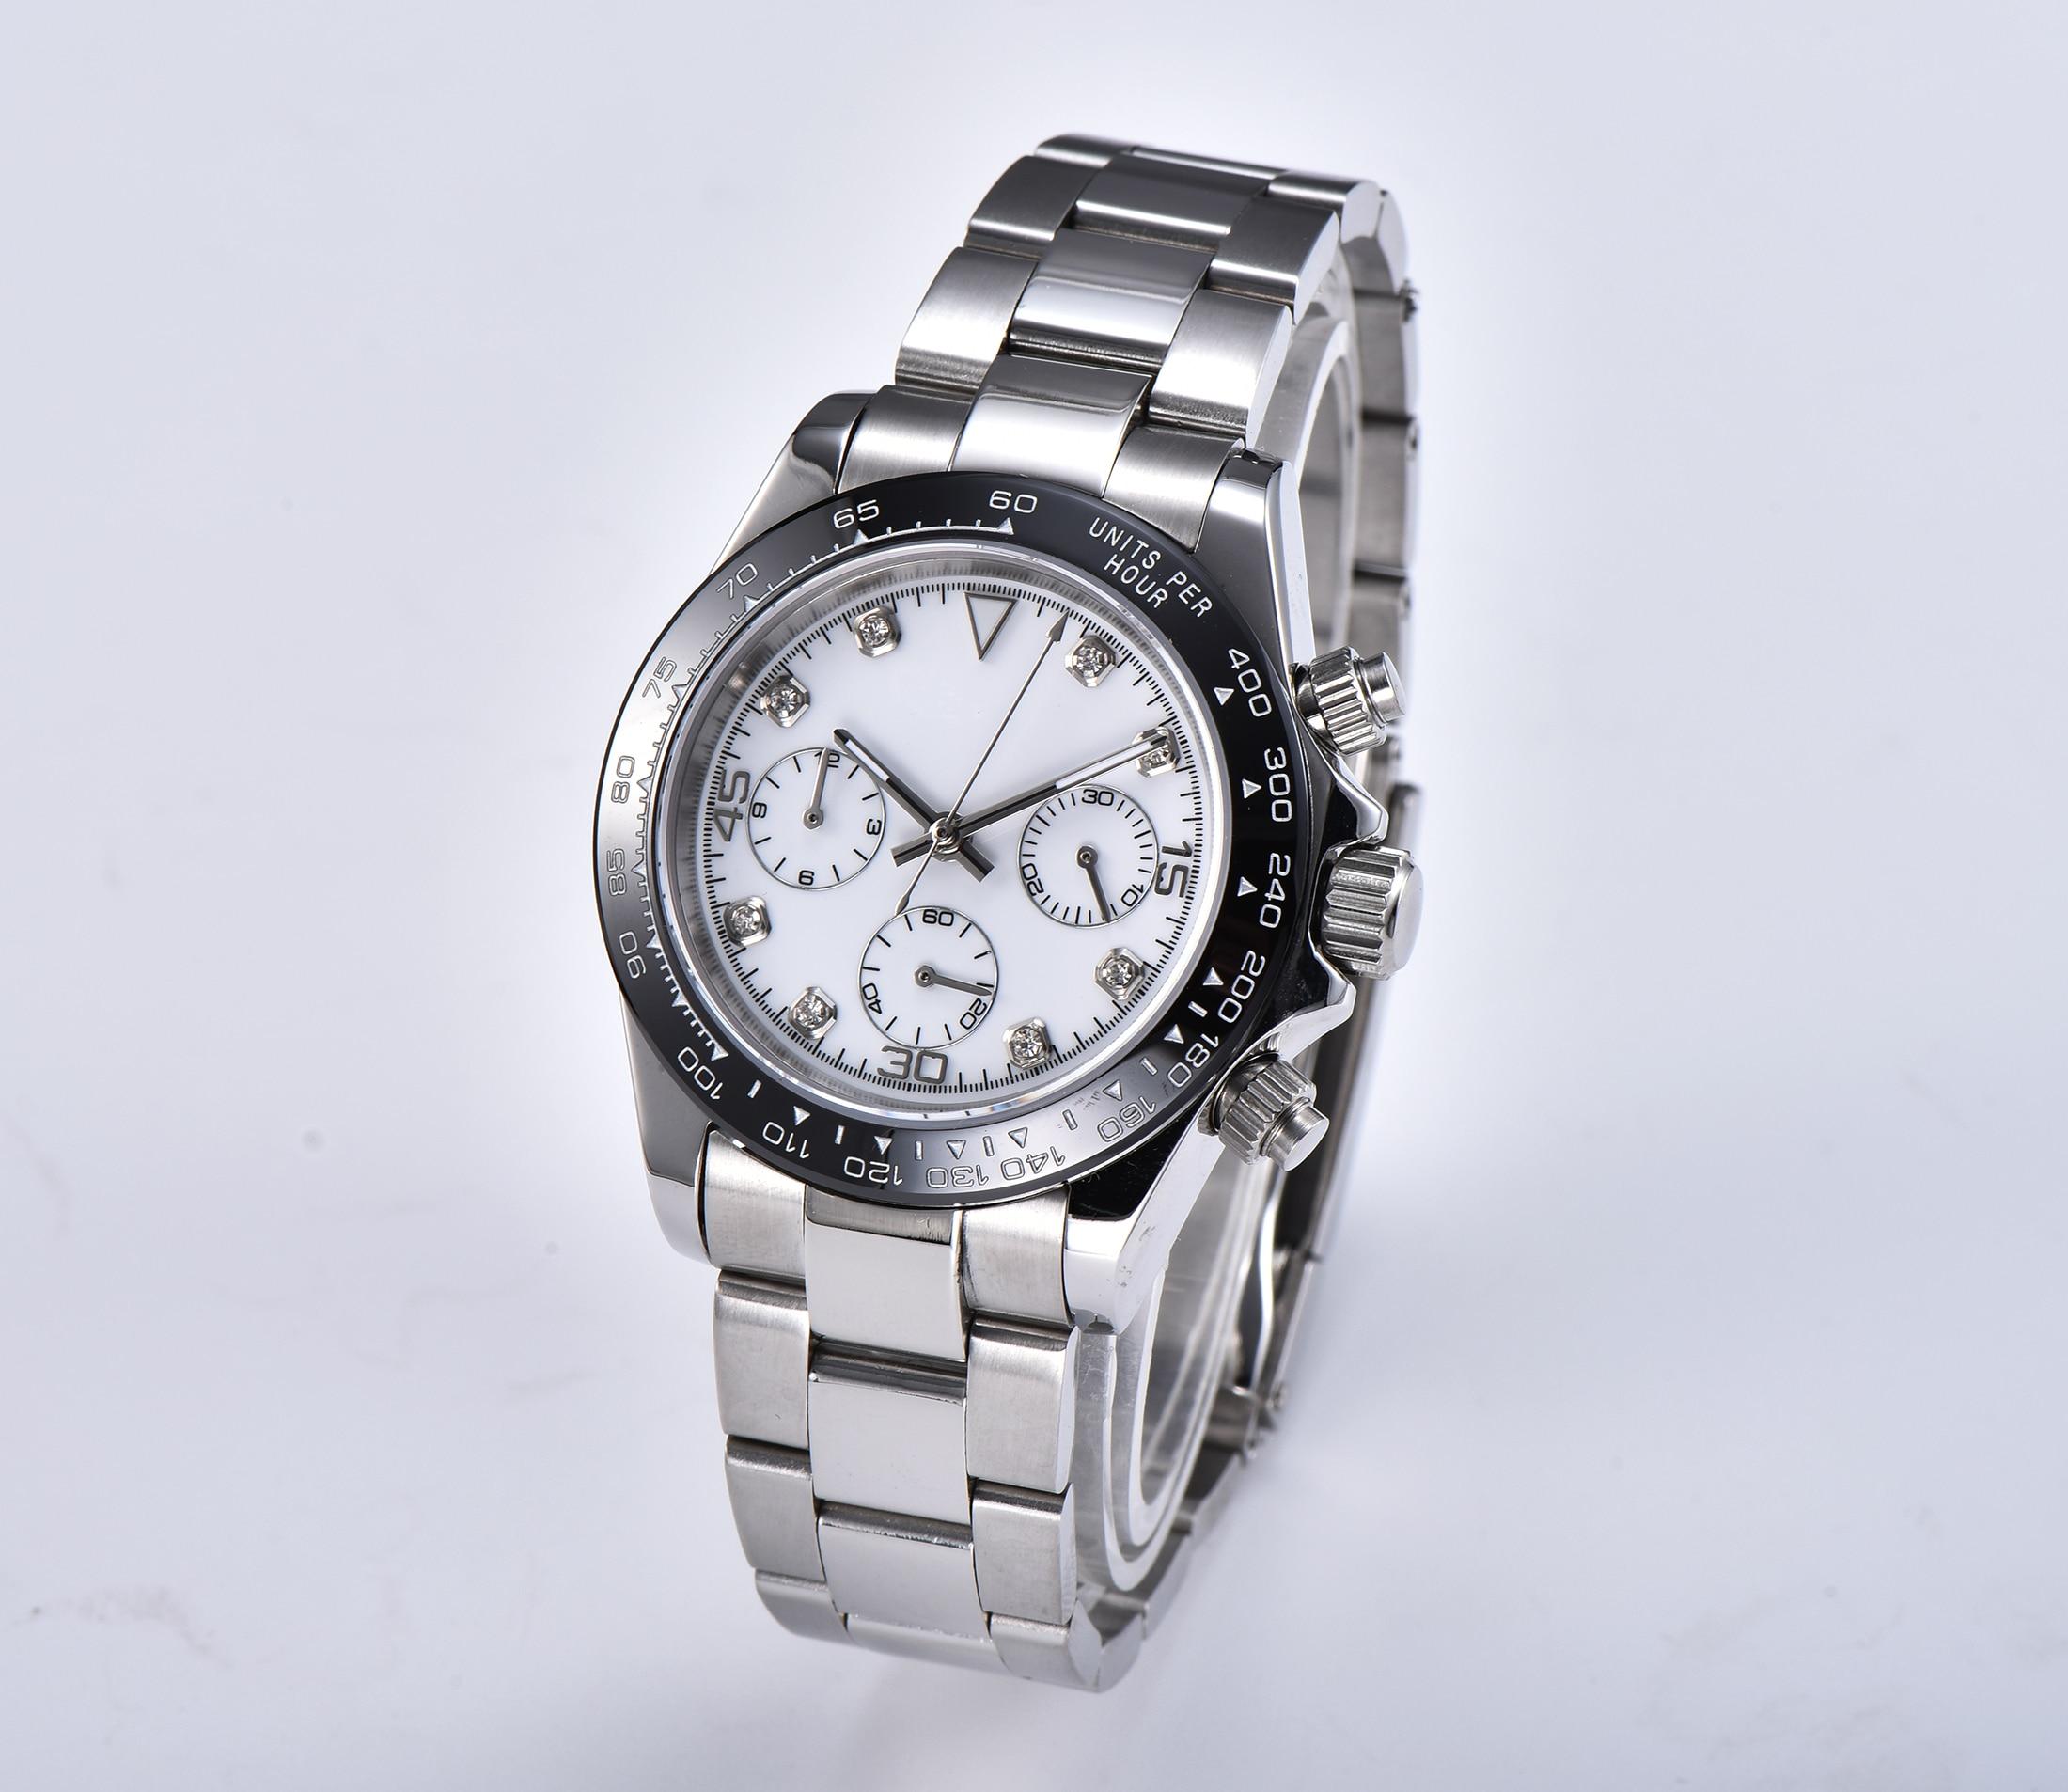 Novo Relógio Masculino Quartz Chronograph Vk63 Luz Bomax Marina Mão Movimento Safira 39mm Cerâmica Aço Pulseira 8243